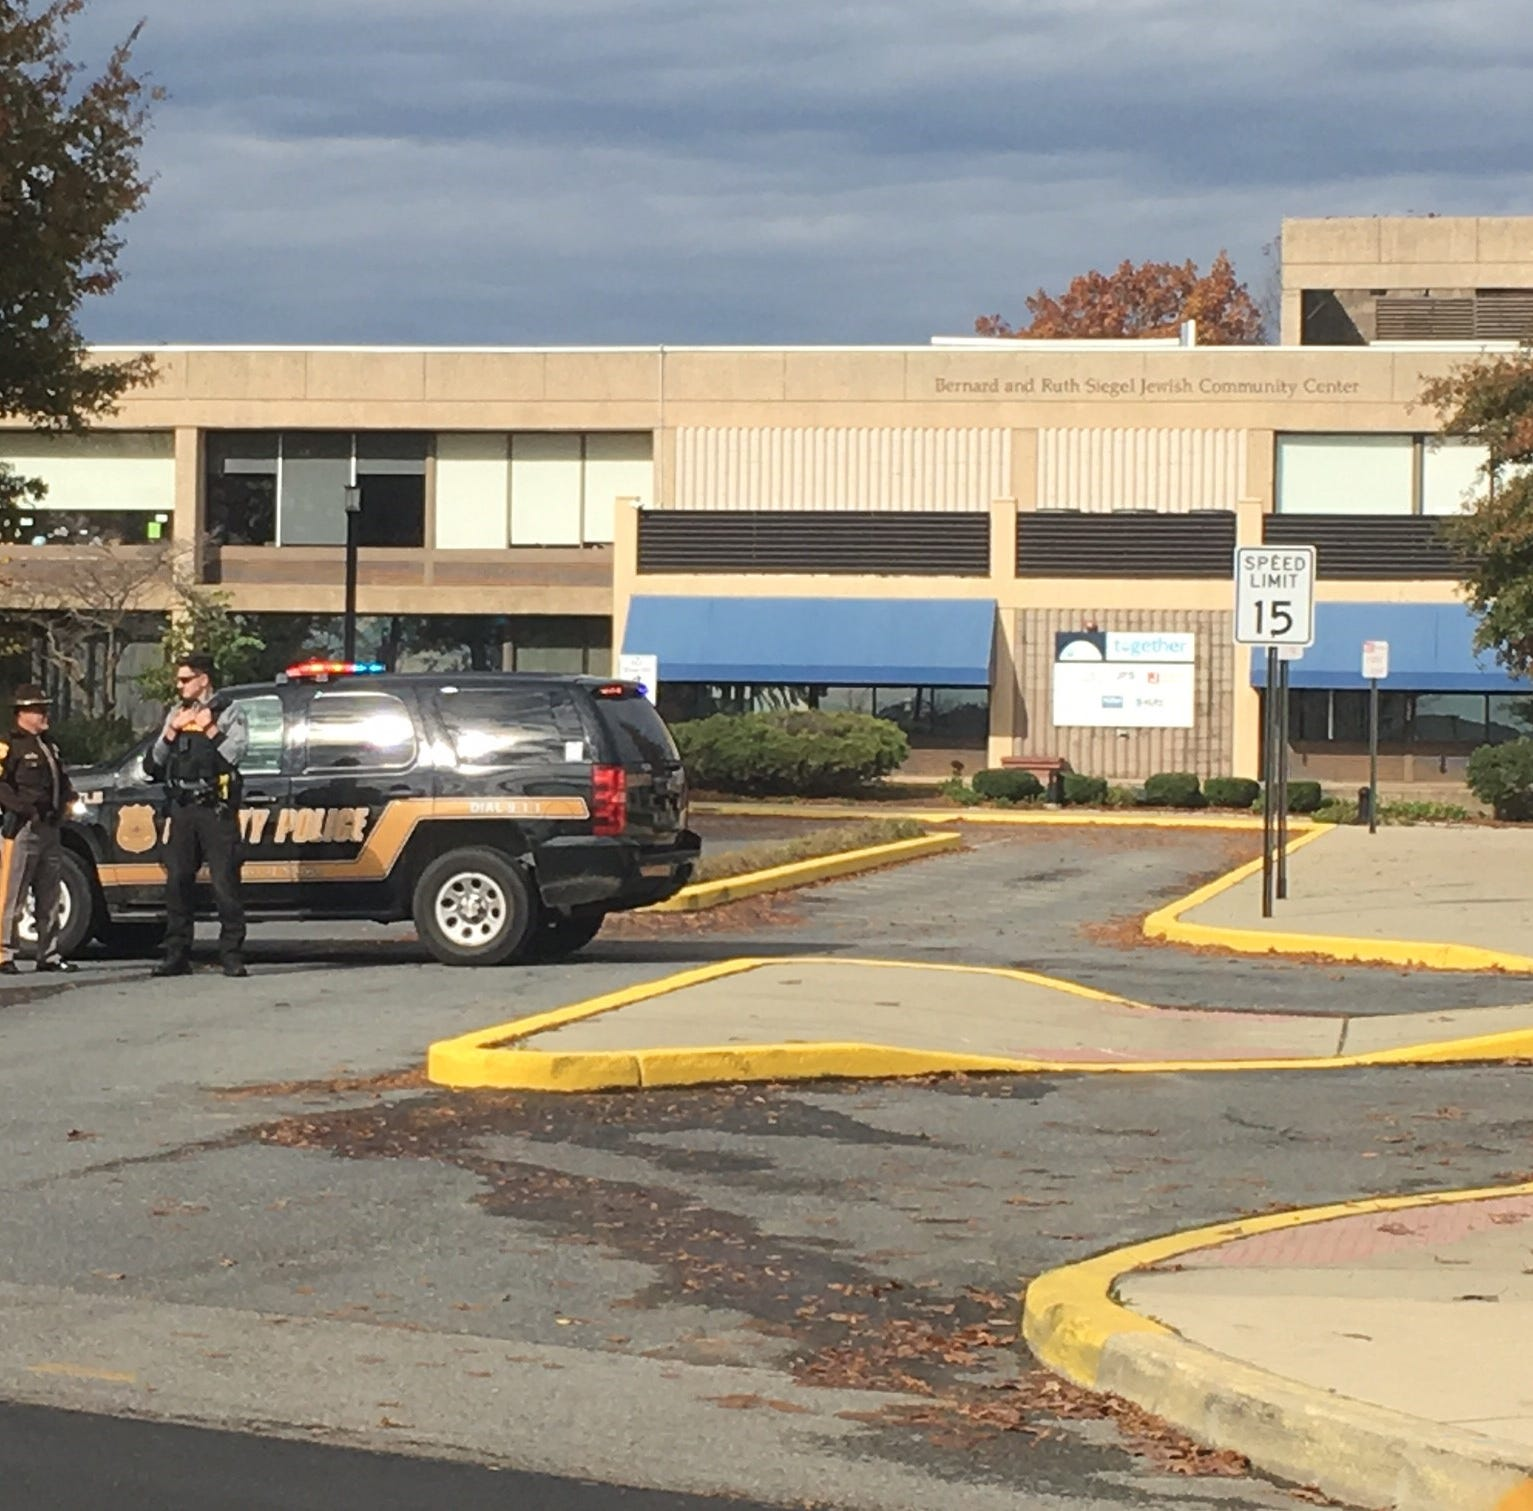 Suspicious package at Siegel Jewish Community Center declared safe, non-hazardous